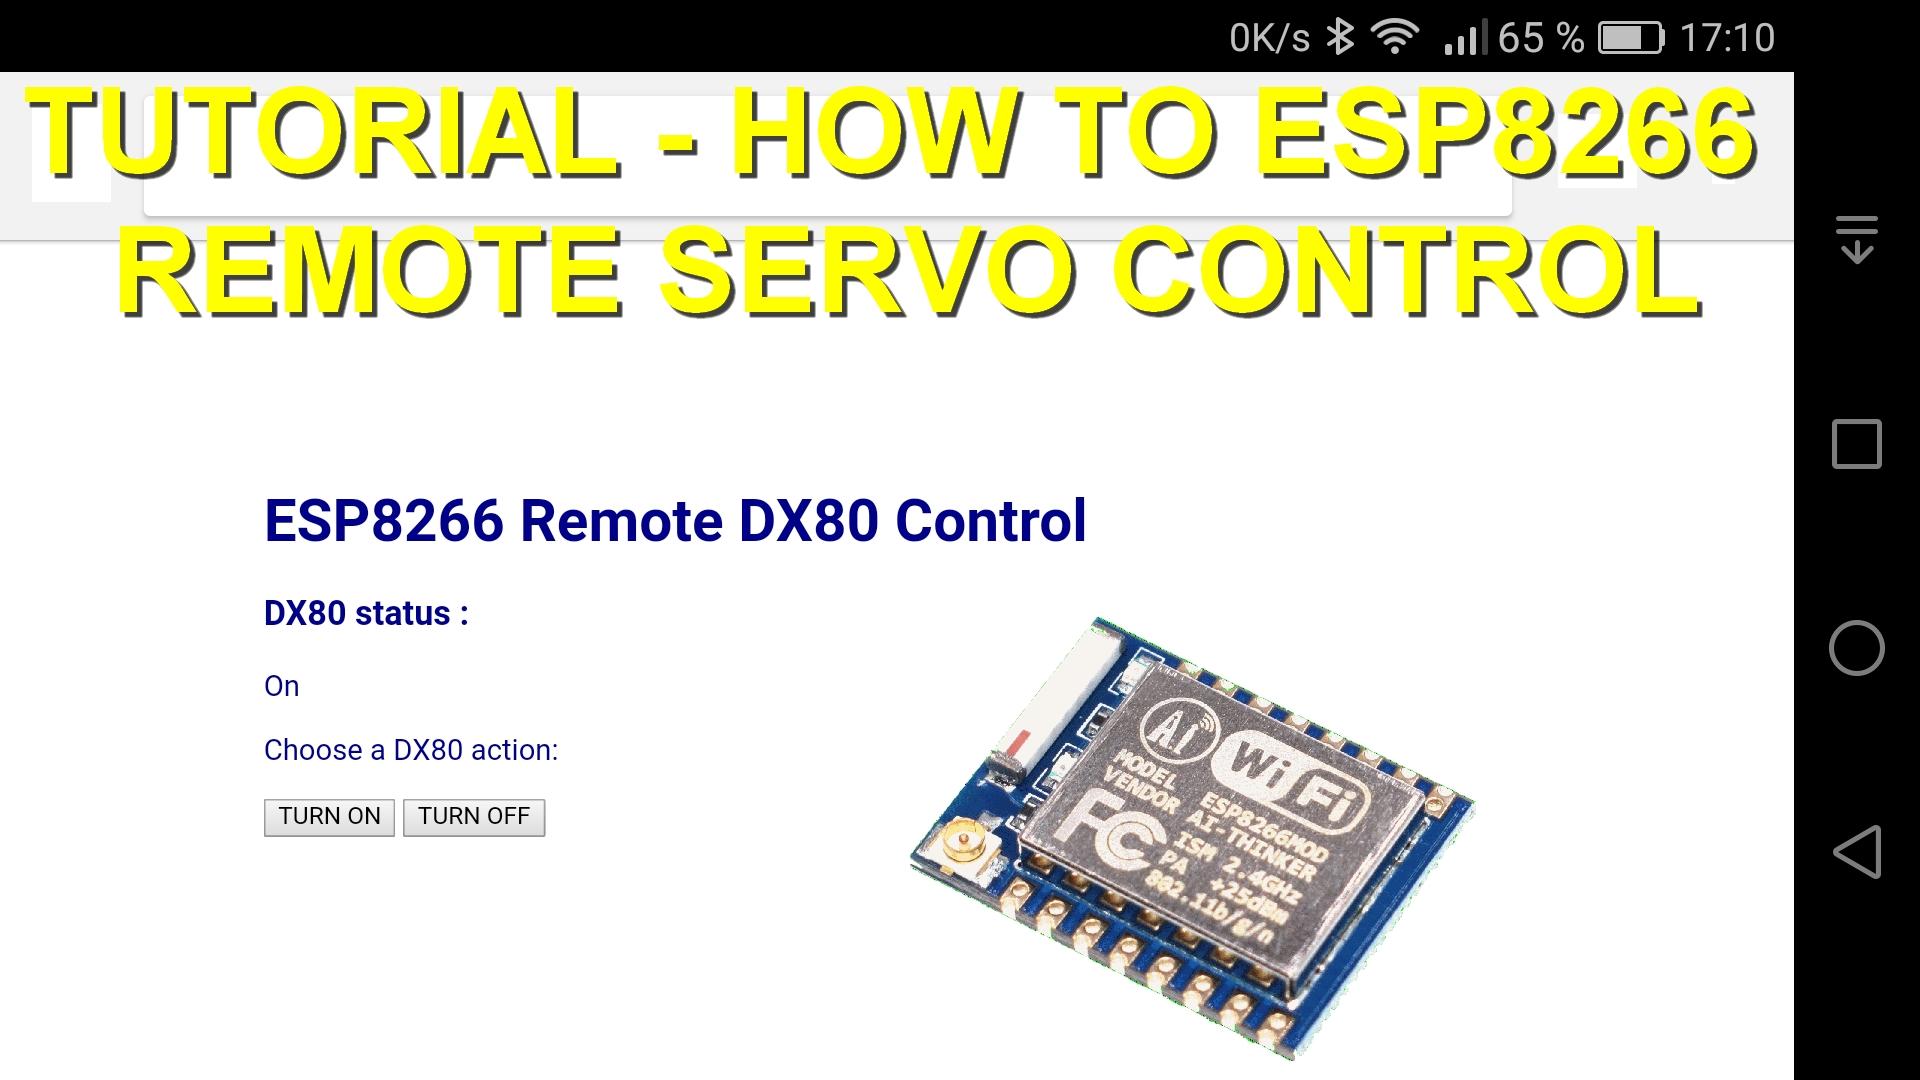 Tutorial how-to : ESP8266 web server (WiFi AP) to remote control a